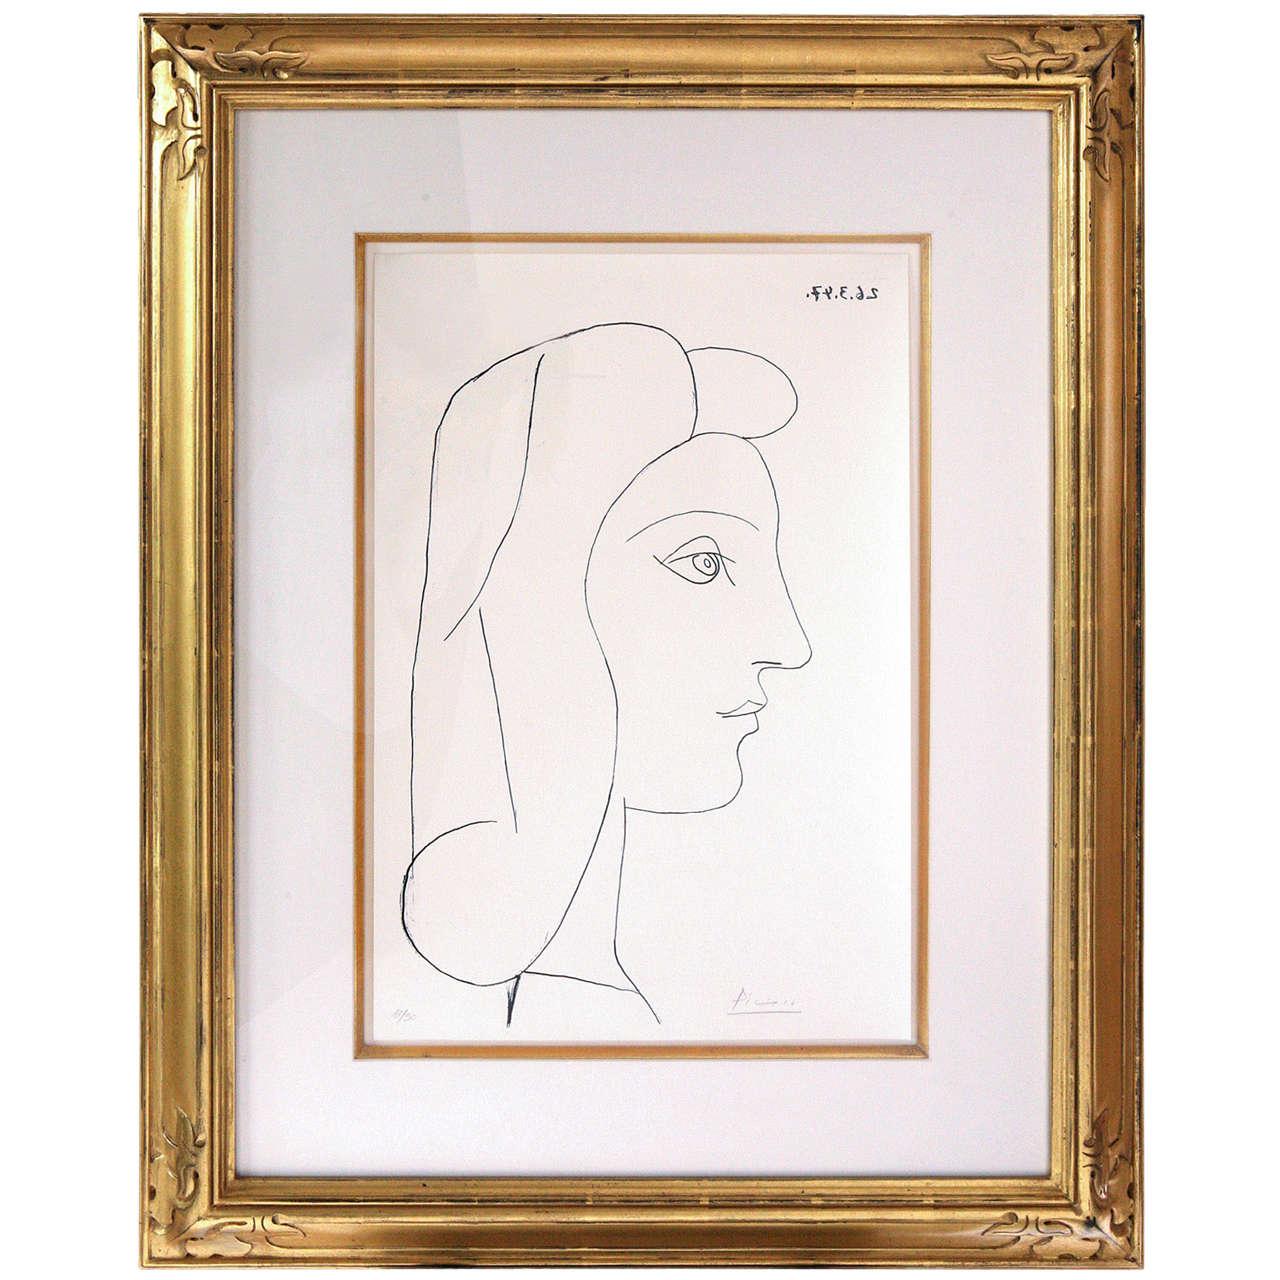 Picasso Lithograph - Profil de Femme For Sale